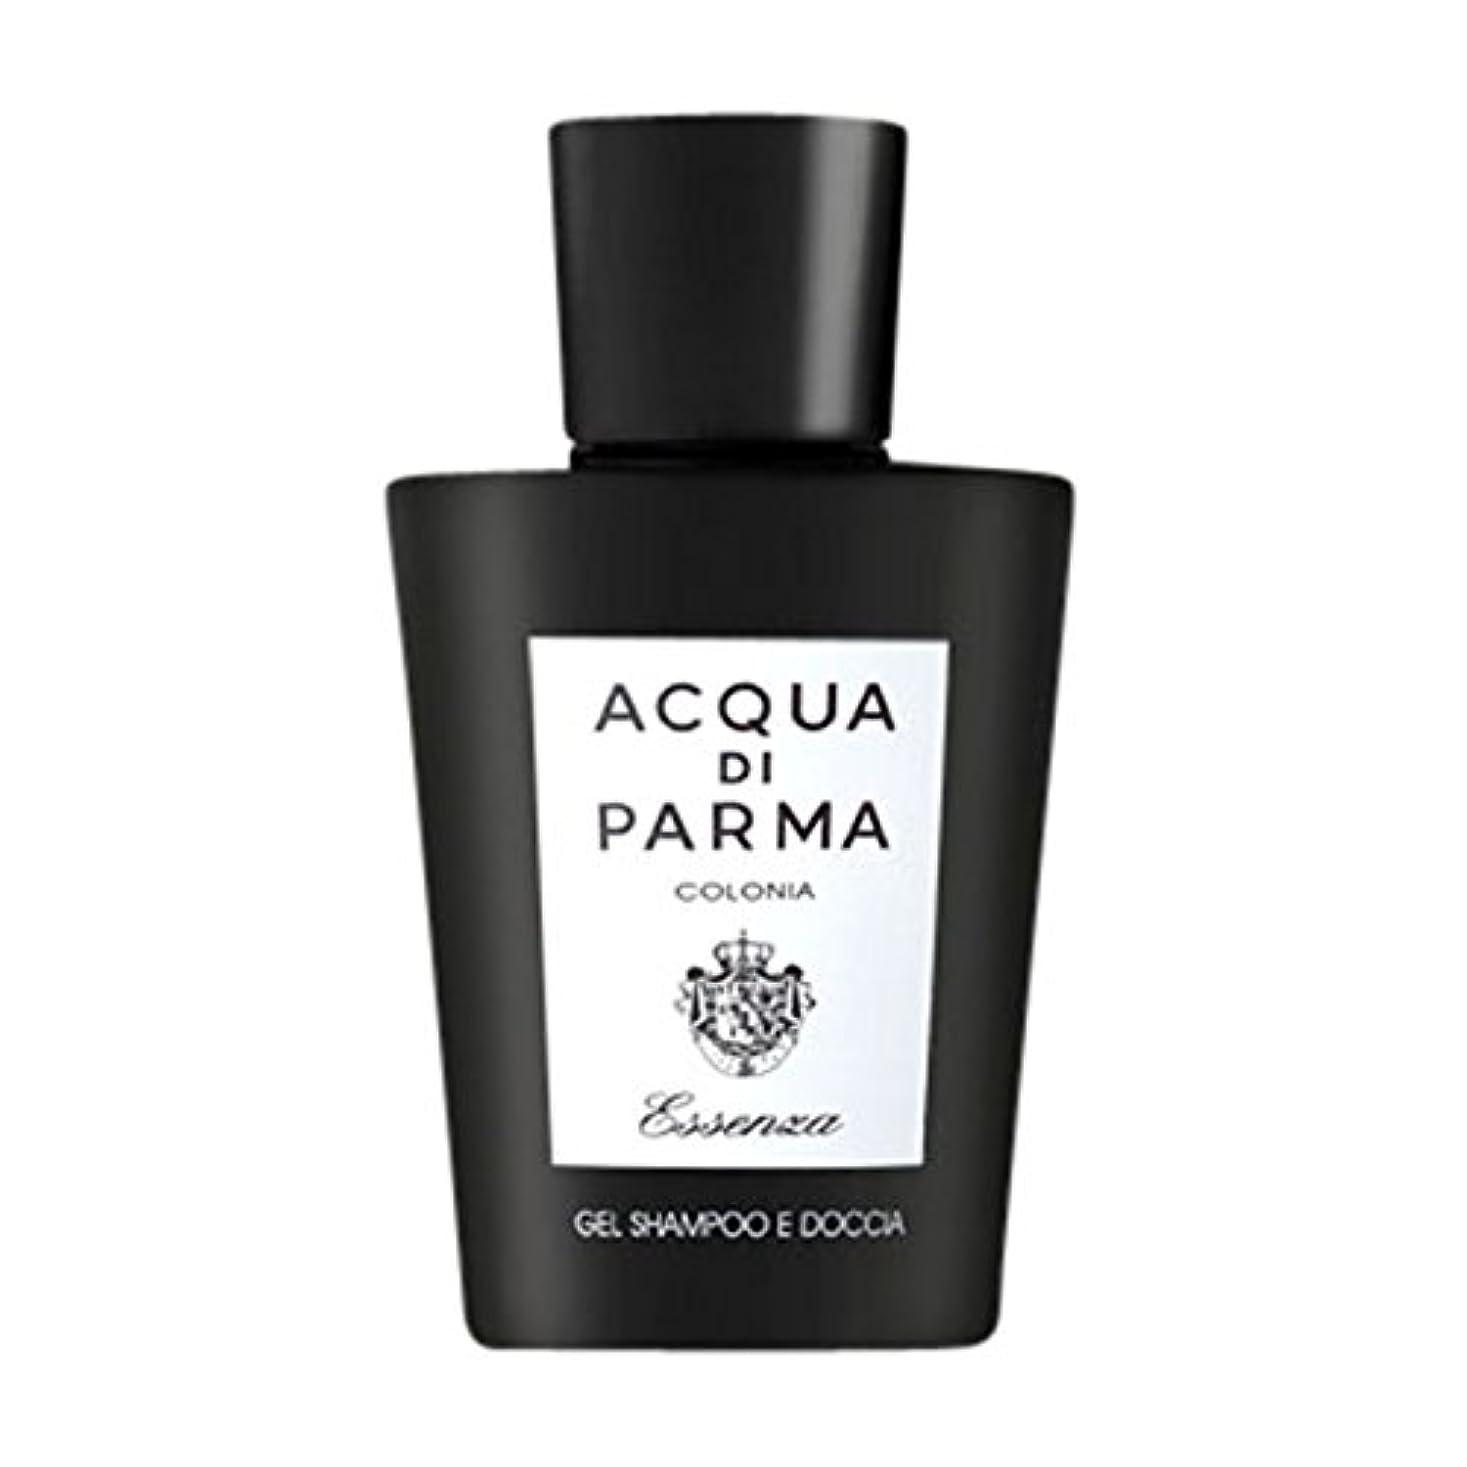 オペレーター不信ムスアクアディパルマコロニアEssenza髪とシャワージェル200ミリリットル (Acqua di Parma) - Acqua di Parma Colonia Essenza Hair and Shower Gel 200ml [並行輸入品]